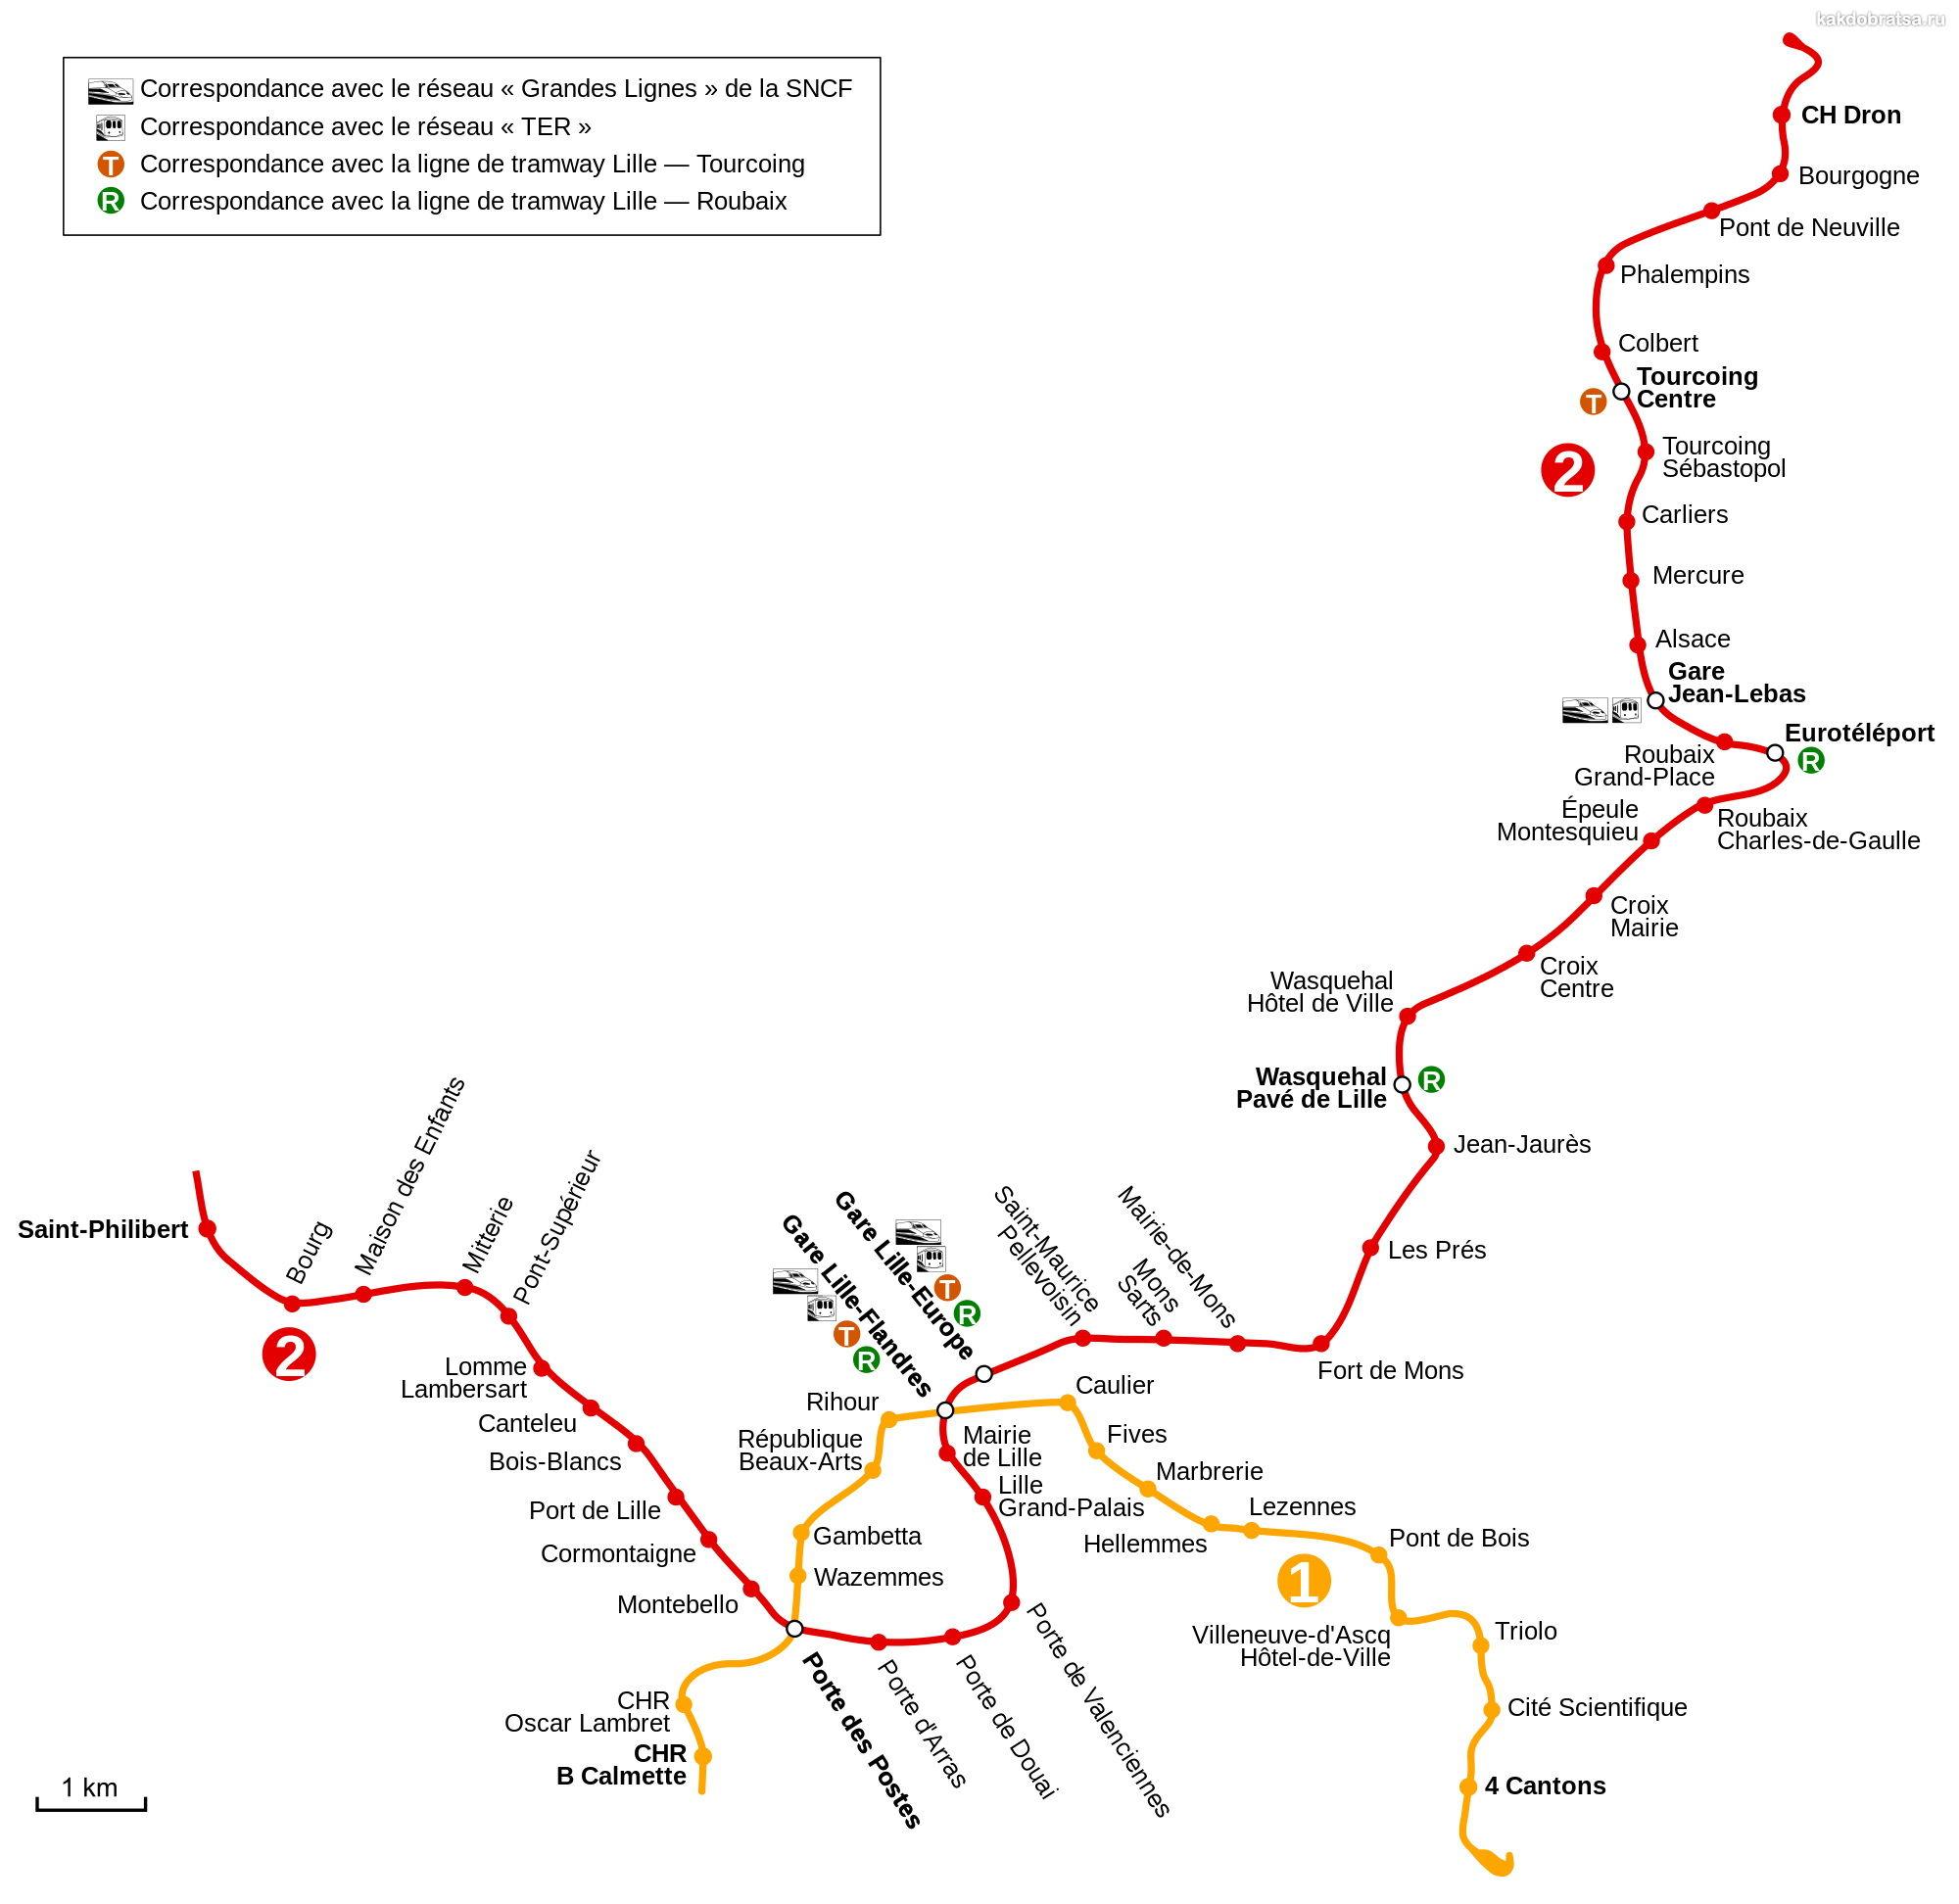 Карта-схема метро в городе Лилль